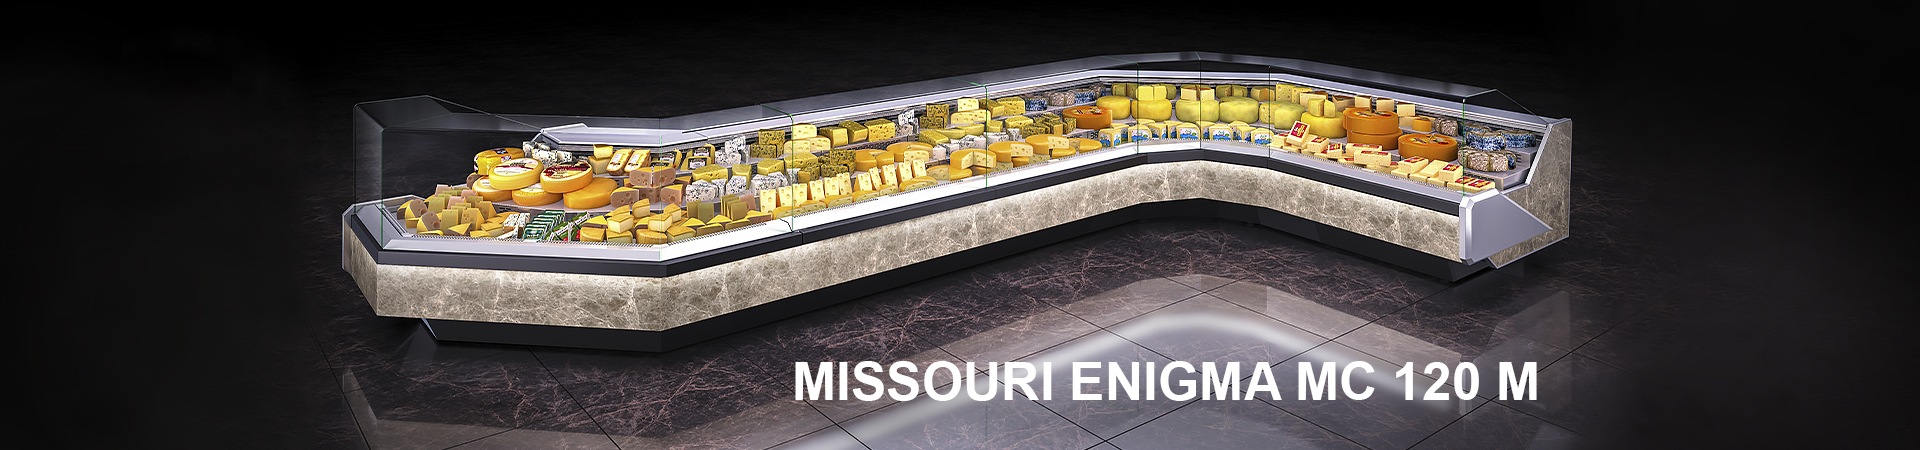 Missouri enigma MC 120 M